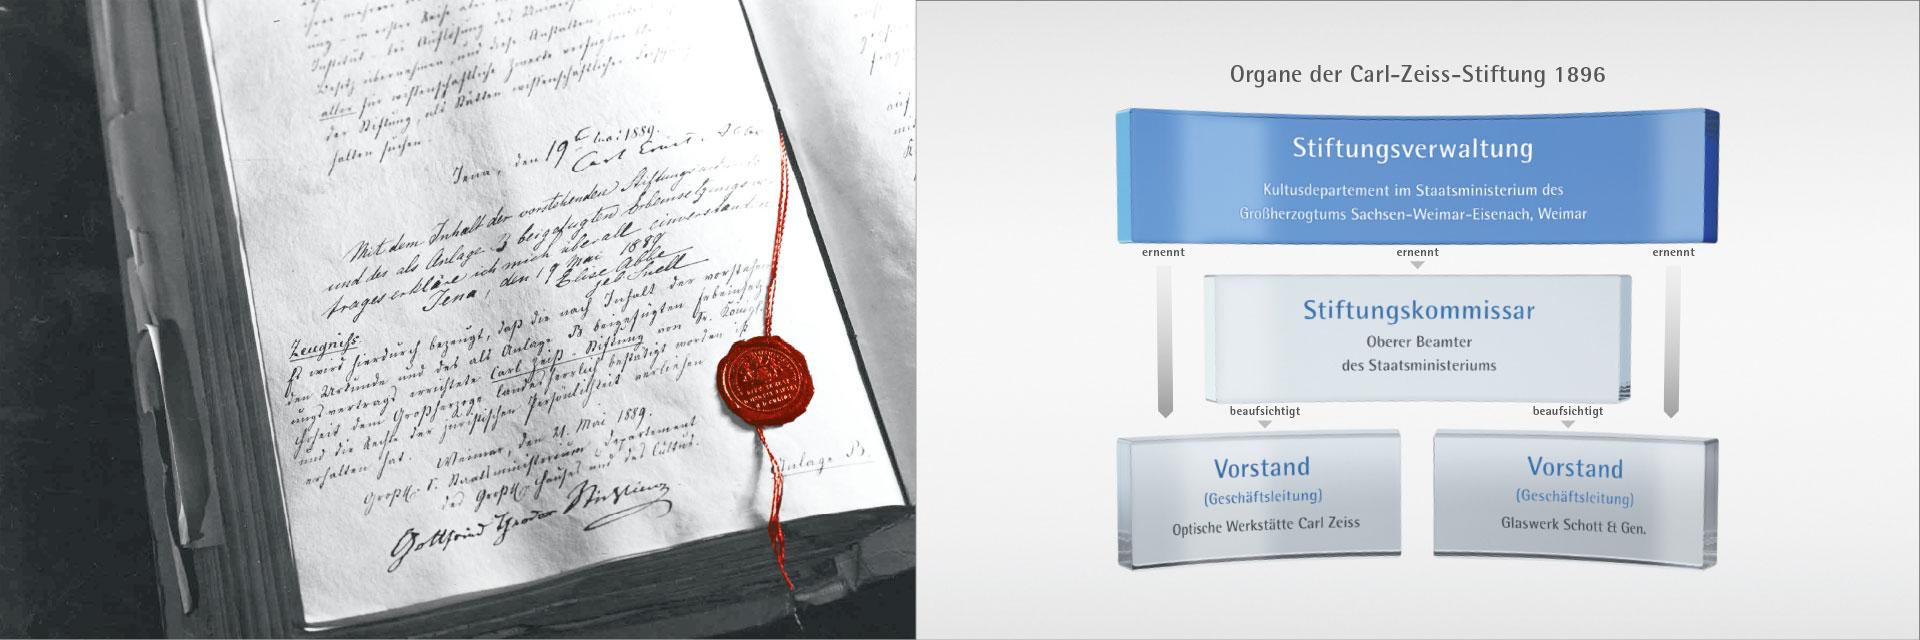 Carl Zeiss Stiftung Broschüre und Illustrationen